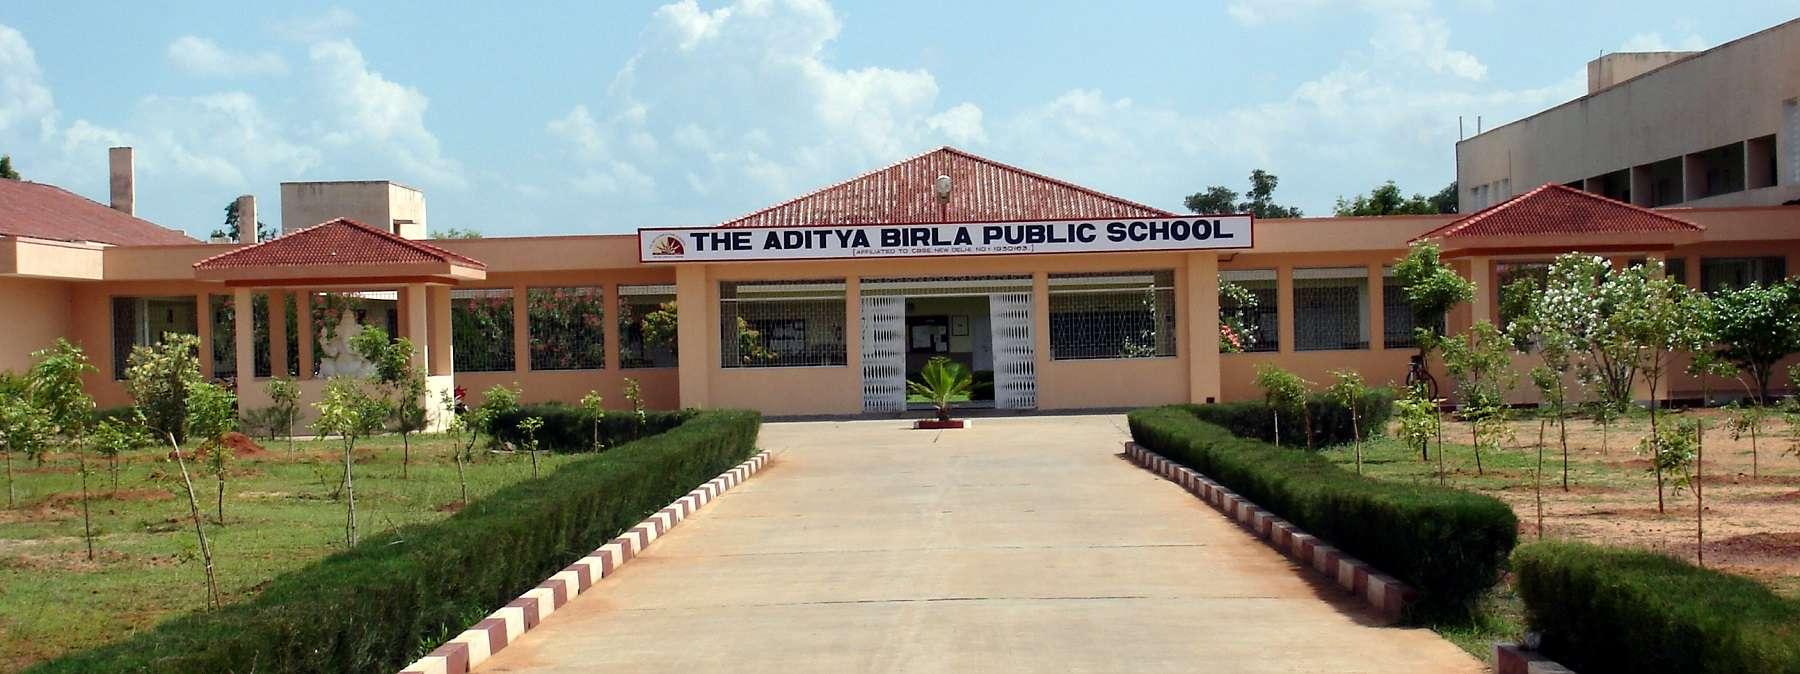 THE ADITYA BIRLA PUBLIC SCHOOL REDDIPALAYAM PO ARIYALUR TK TAMIL NADU 1930163